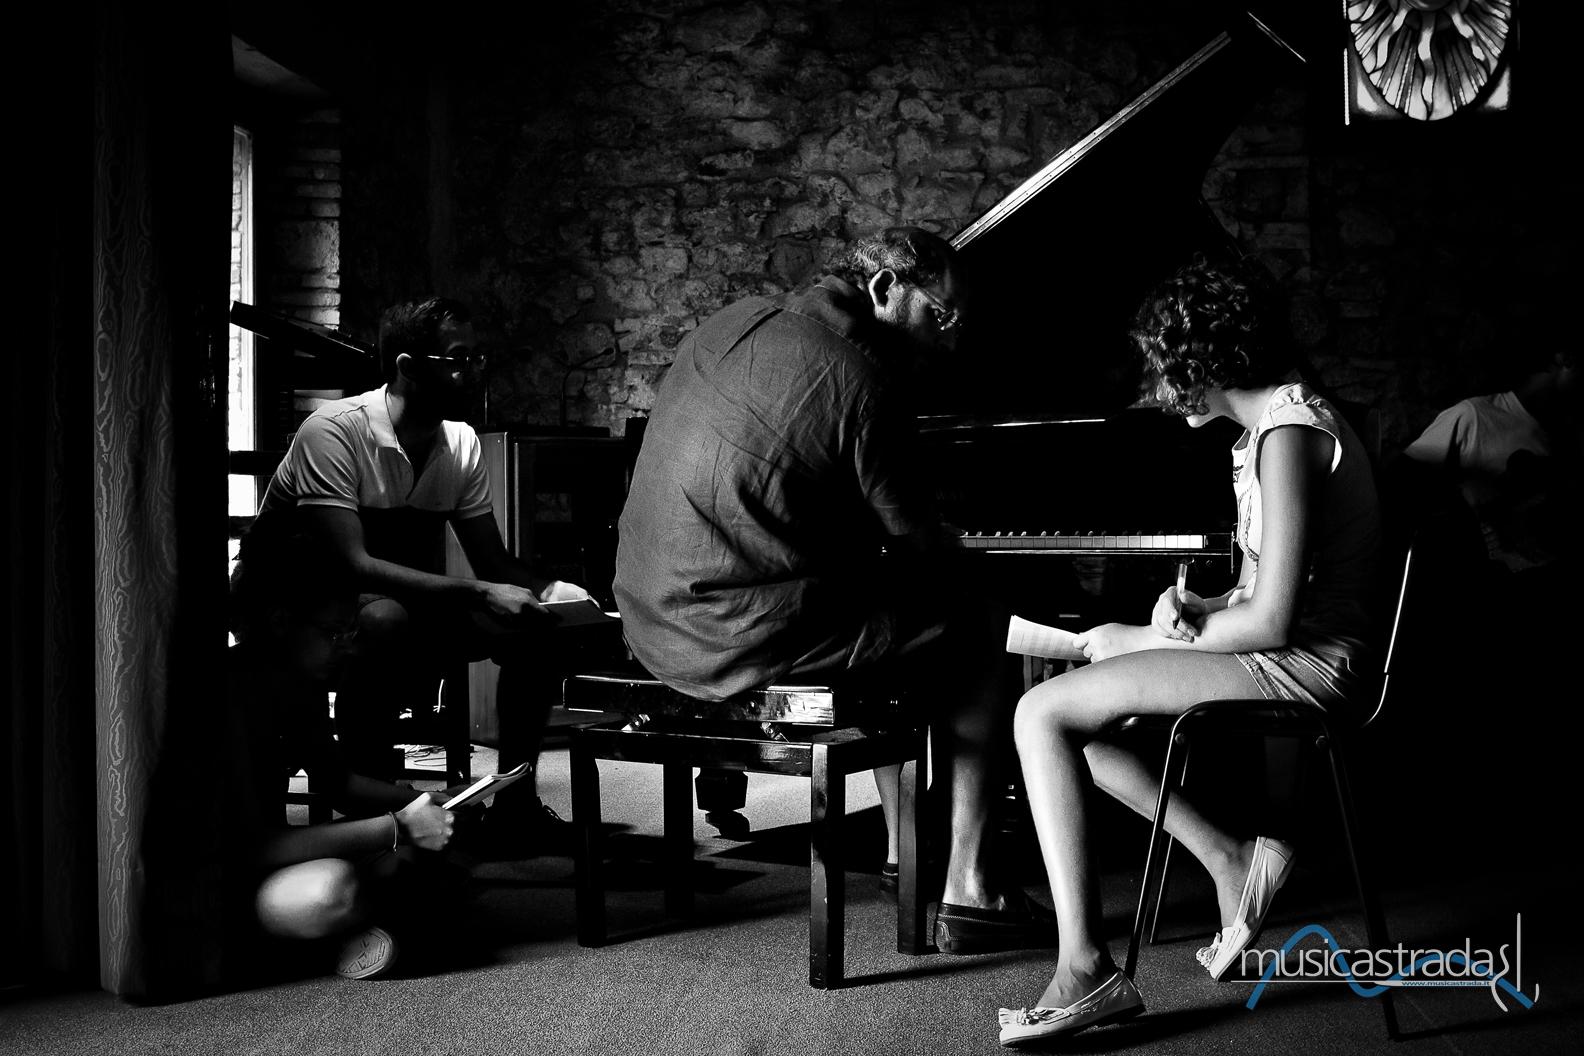 massimo_daddi_lezionidimusica_musicastrada_fotografando_la_musica_2012_2